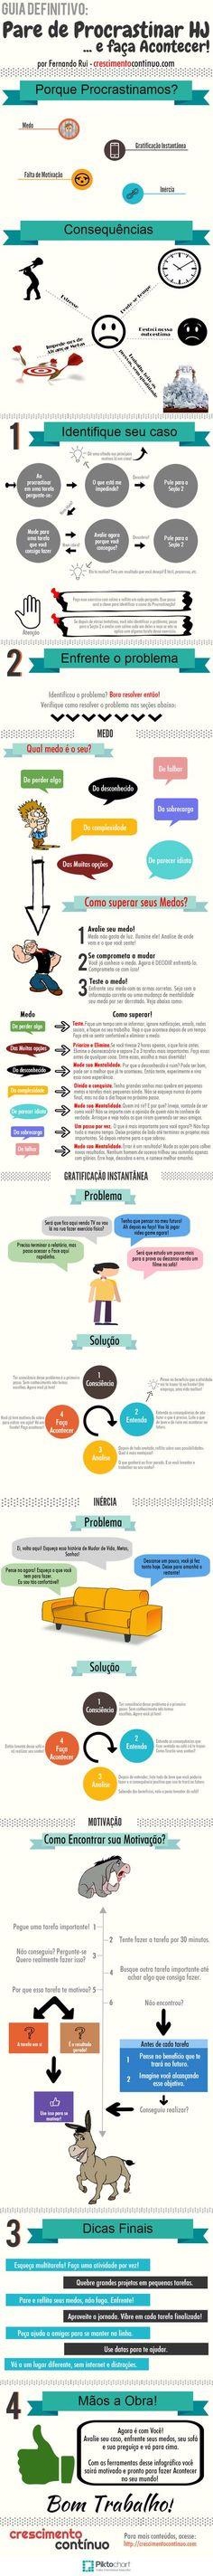 Diga não a procrastinação